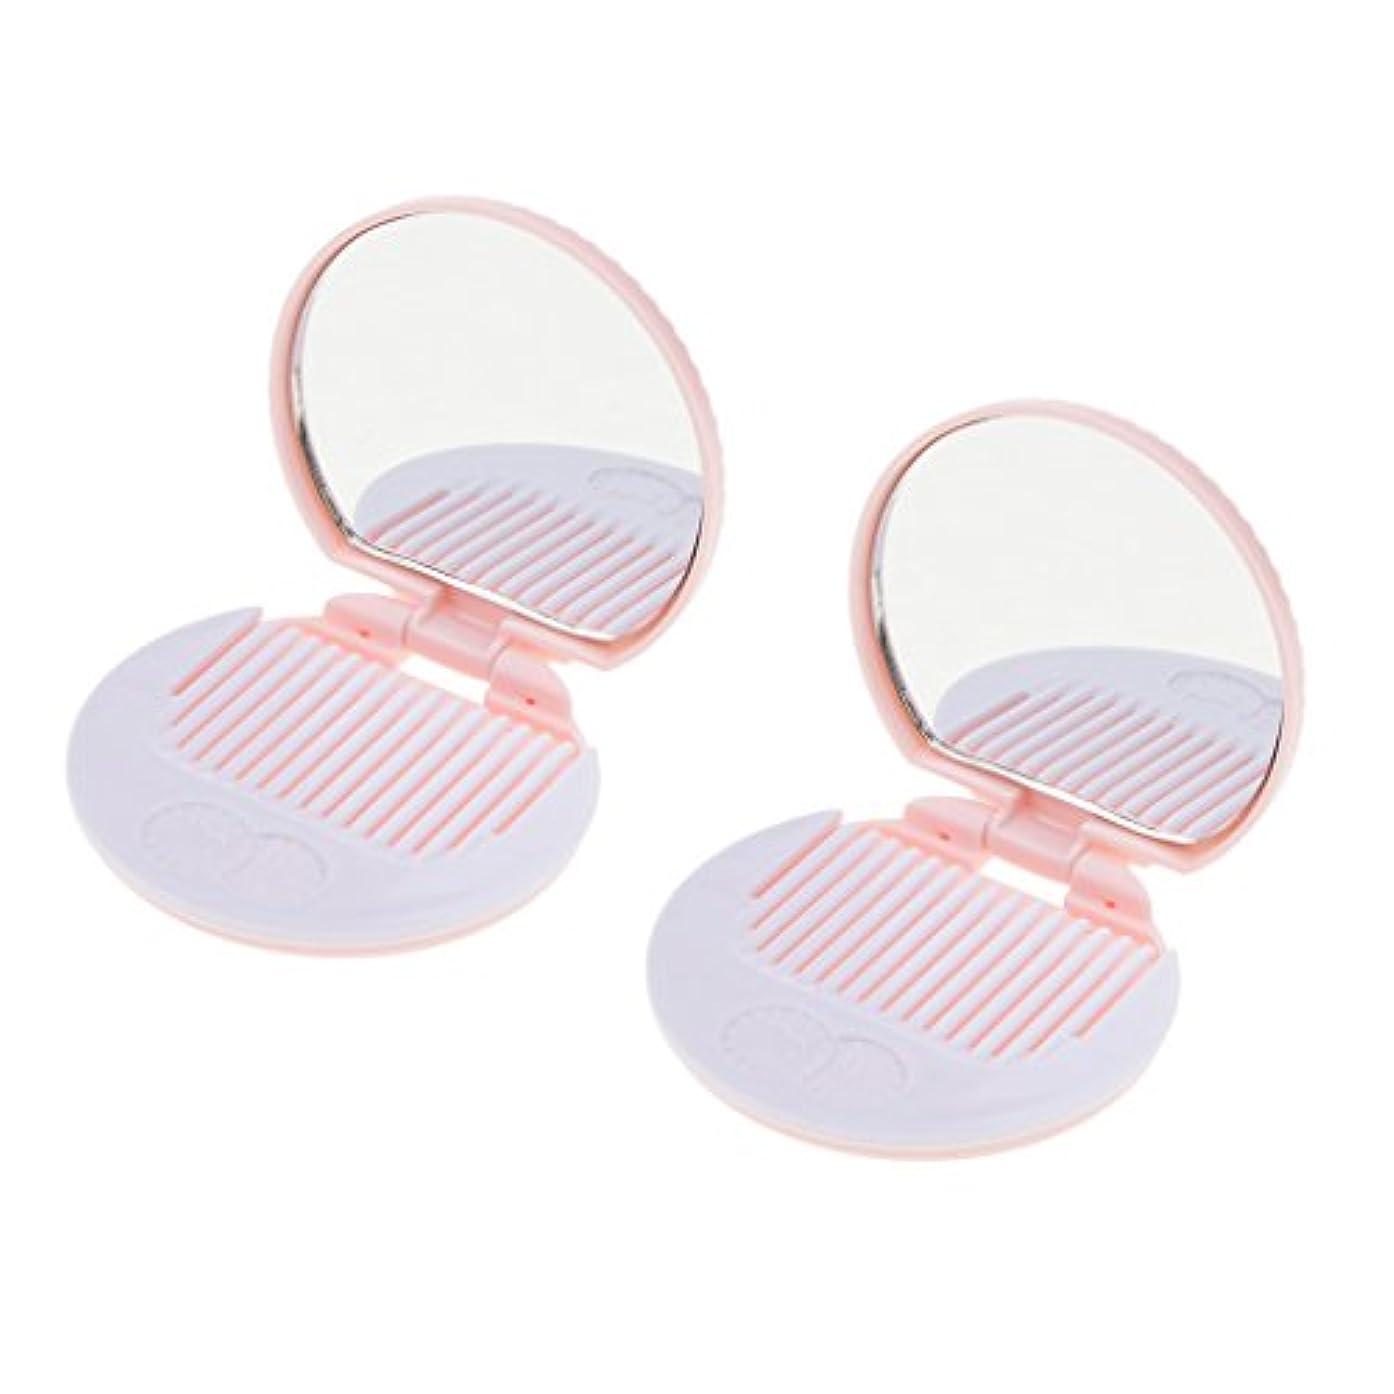 間違っている寝室復活するPerfk 2個入 メイクアップミラー ポケットサイズ 可愛い ミラー ラウンド 折りたたみ コーム 全4色   - ピンク